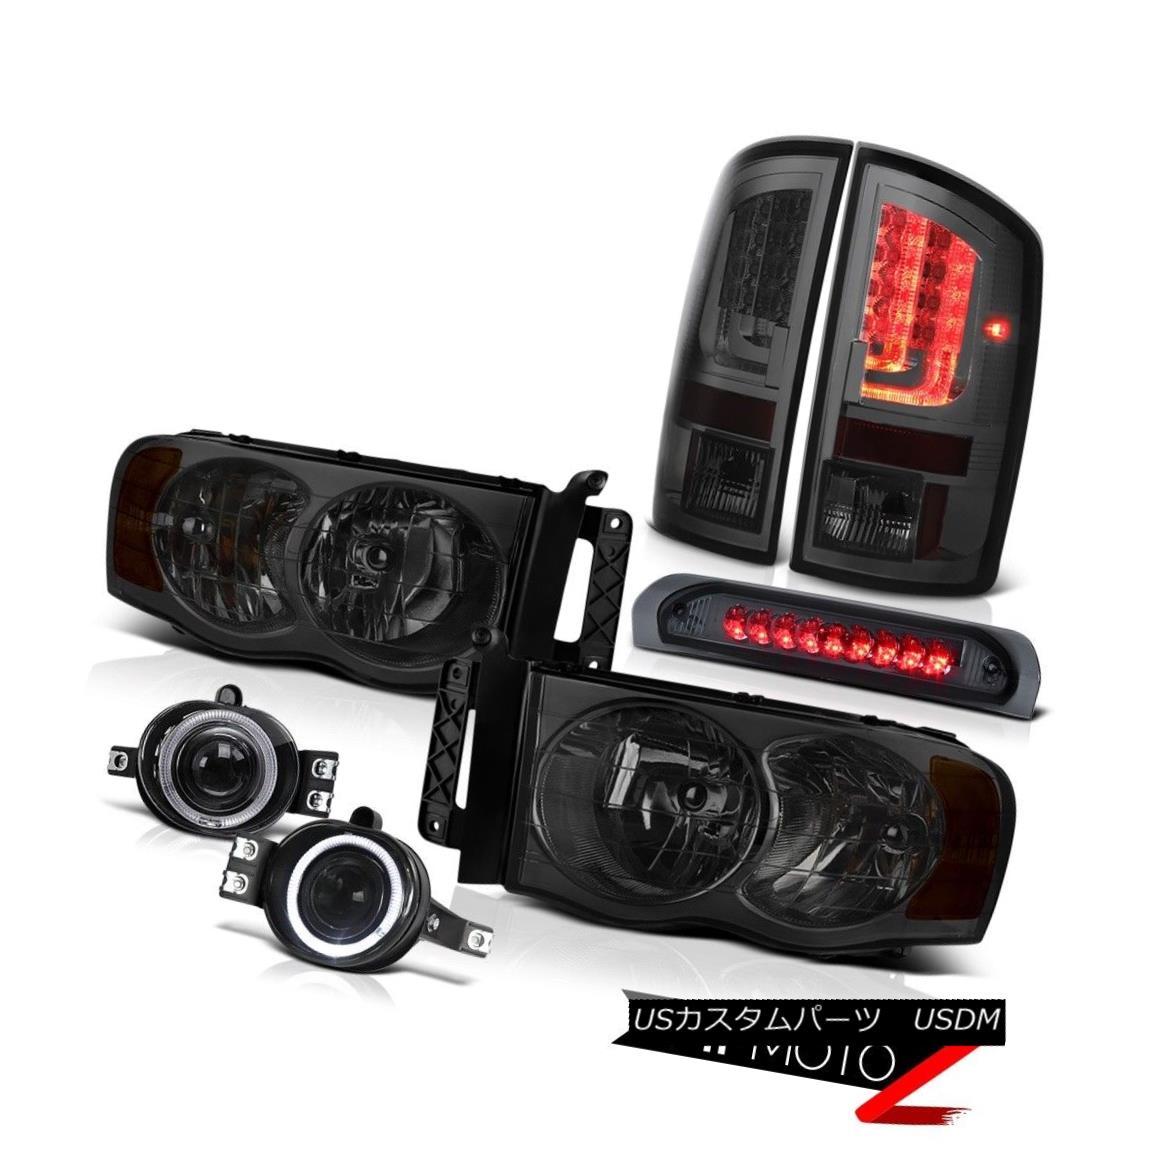 テールライト 2002-2005 Dodge Ram 1500 ST Taillights Headlamps Foglights Roof Brake Lamp LED 2002-2005 Dodge Ram 1500 STターンライトヘッドランプFoglightsルーフブレーキランプLED